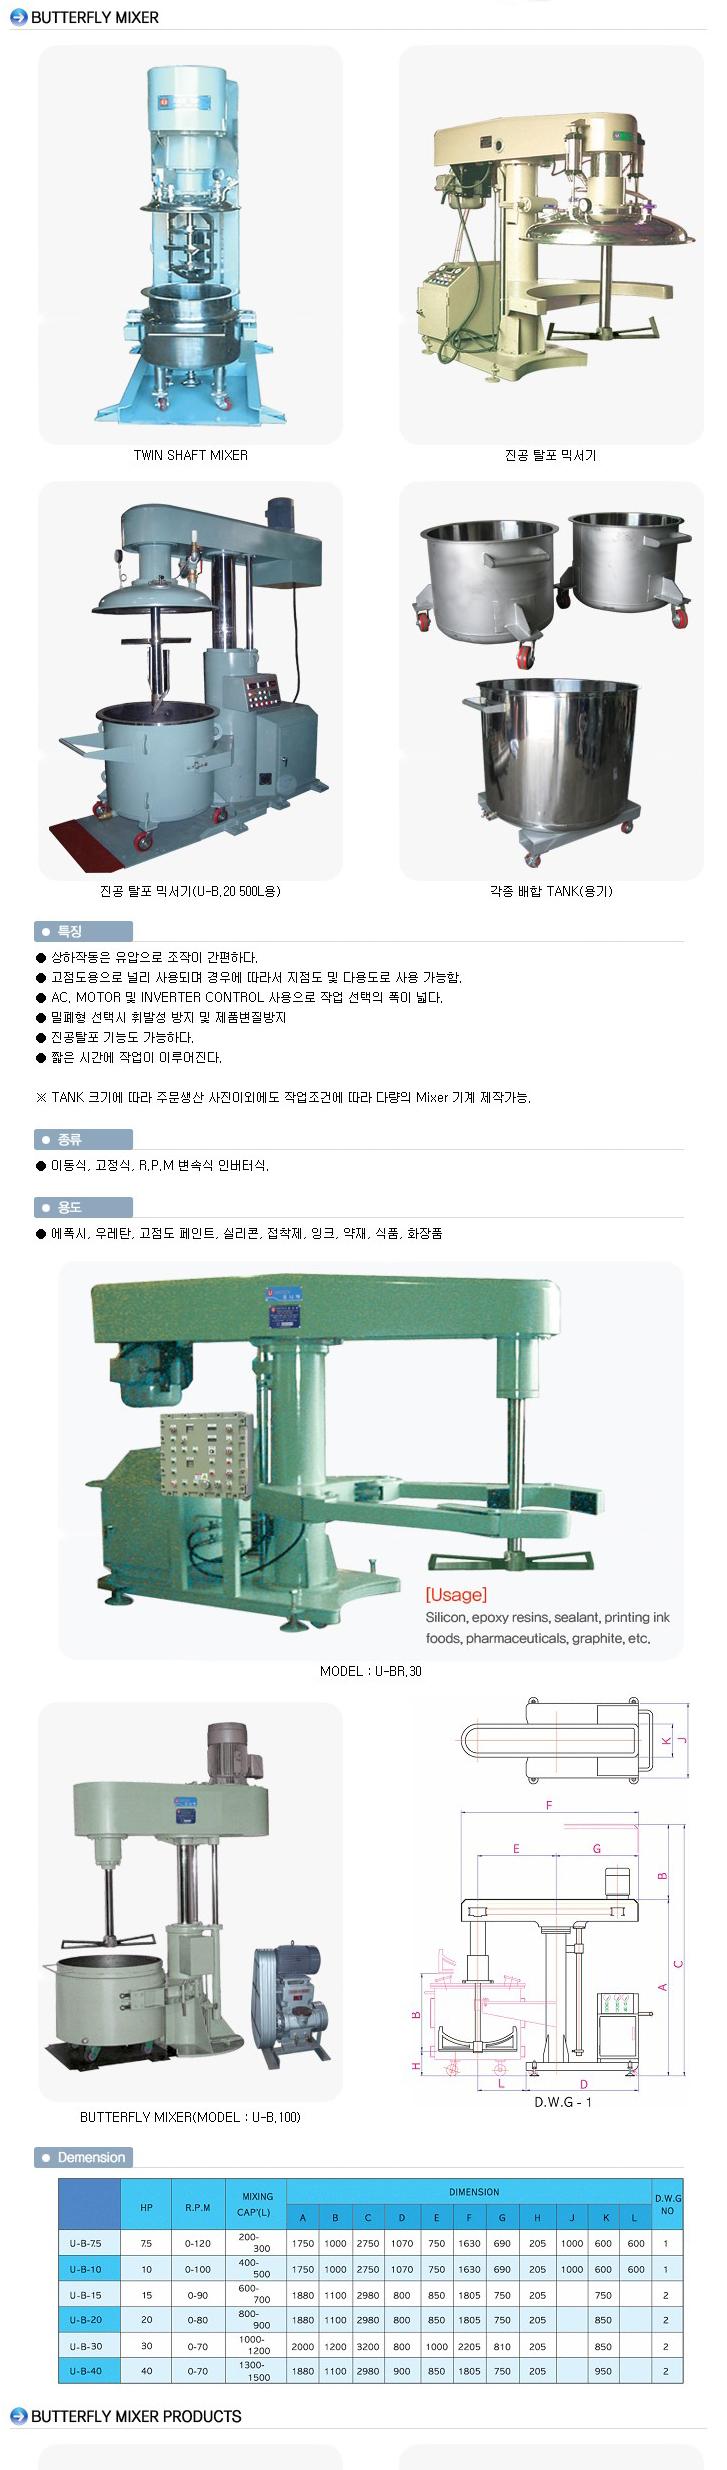 유니텍(주) 고점도용 믹서 U-B-Series 3